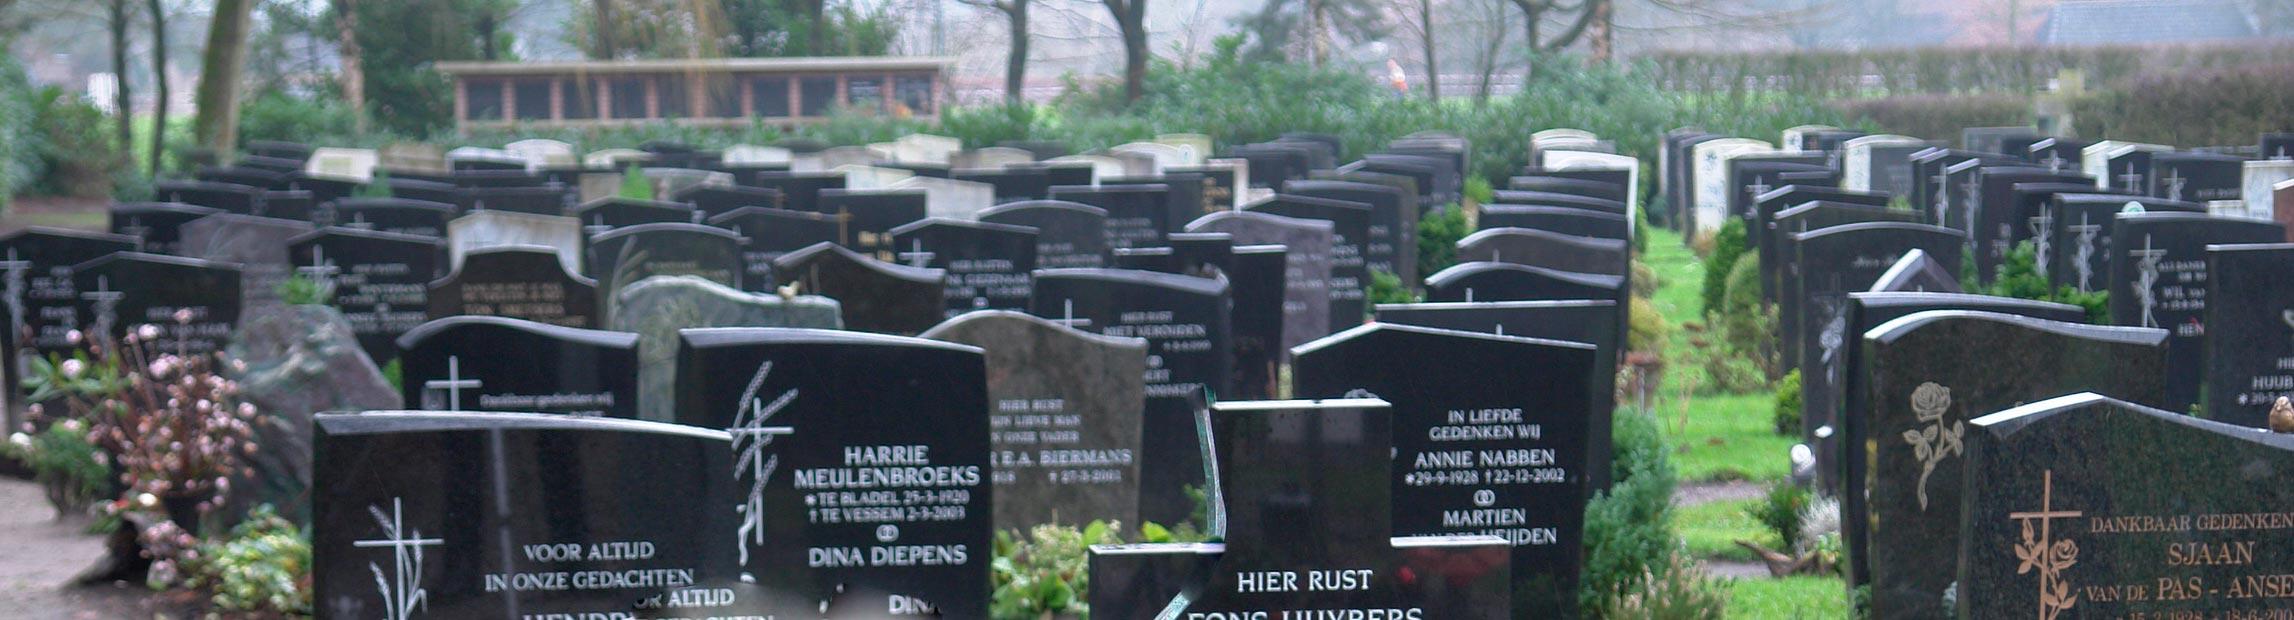 letters voor grafsteen